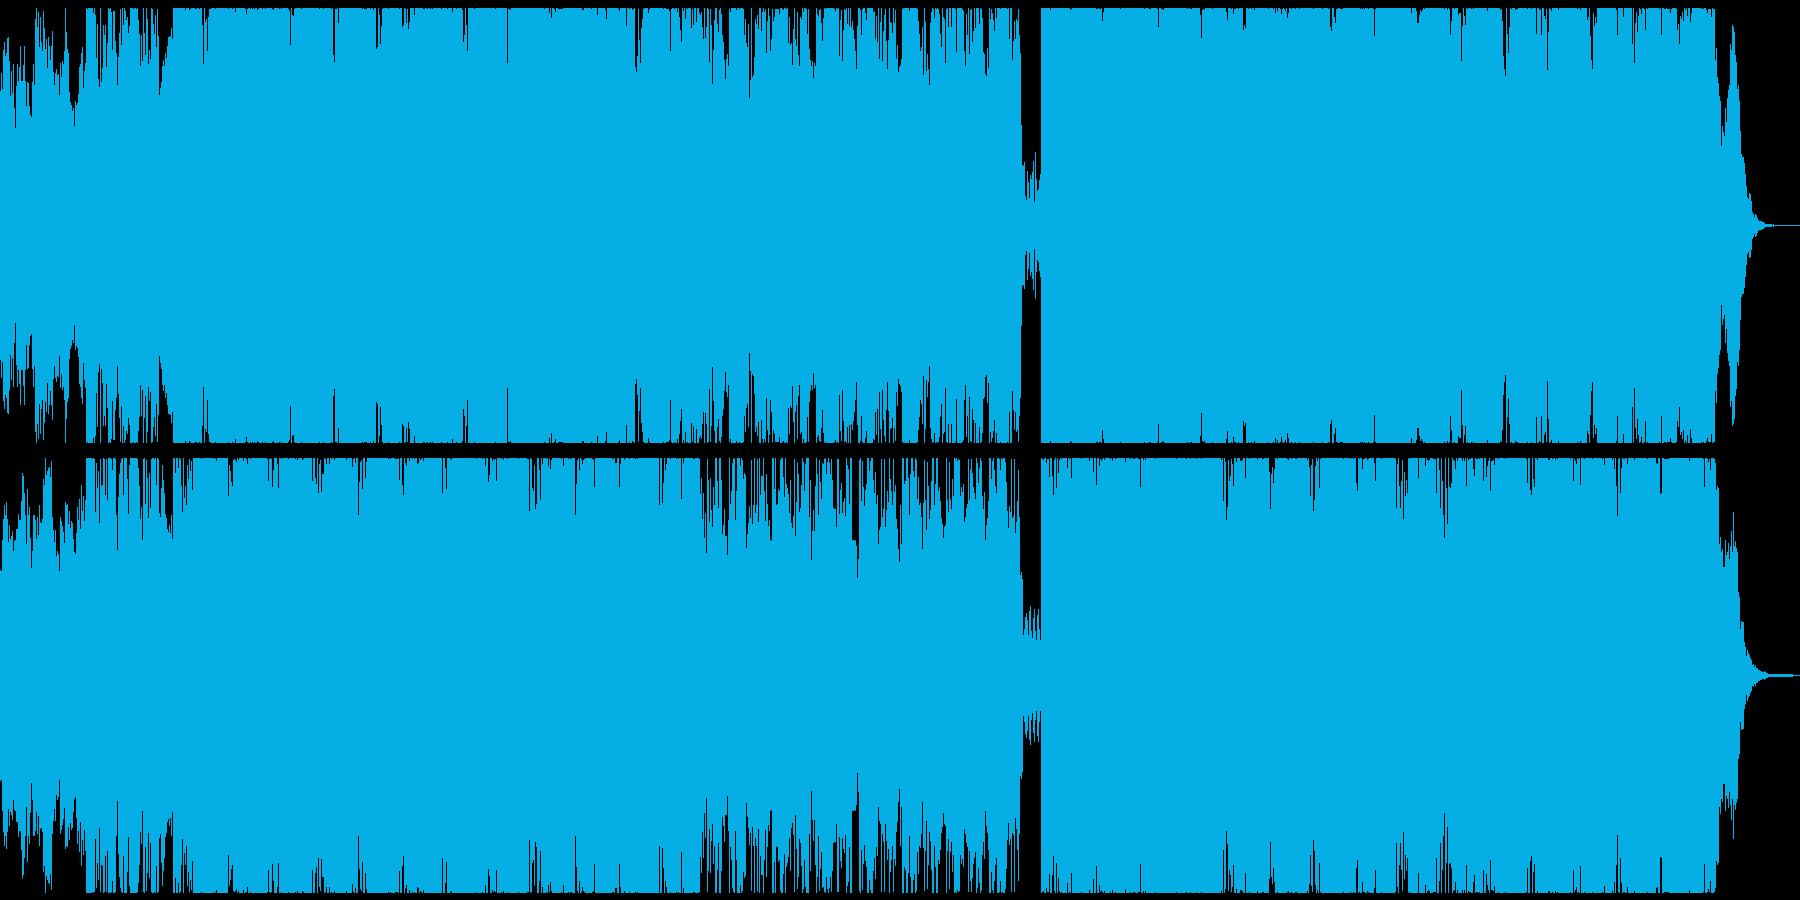 サイコホラーのOPみたいなホラー曲の再生済みの波形